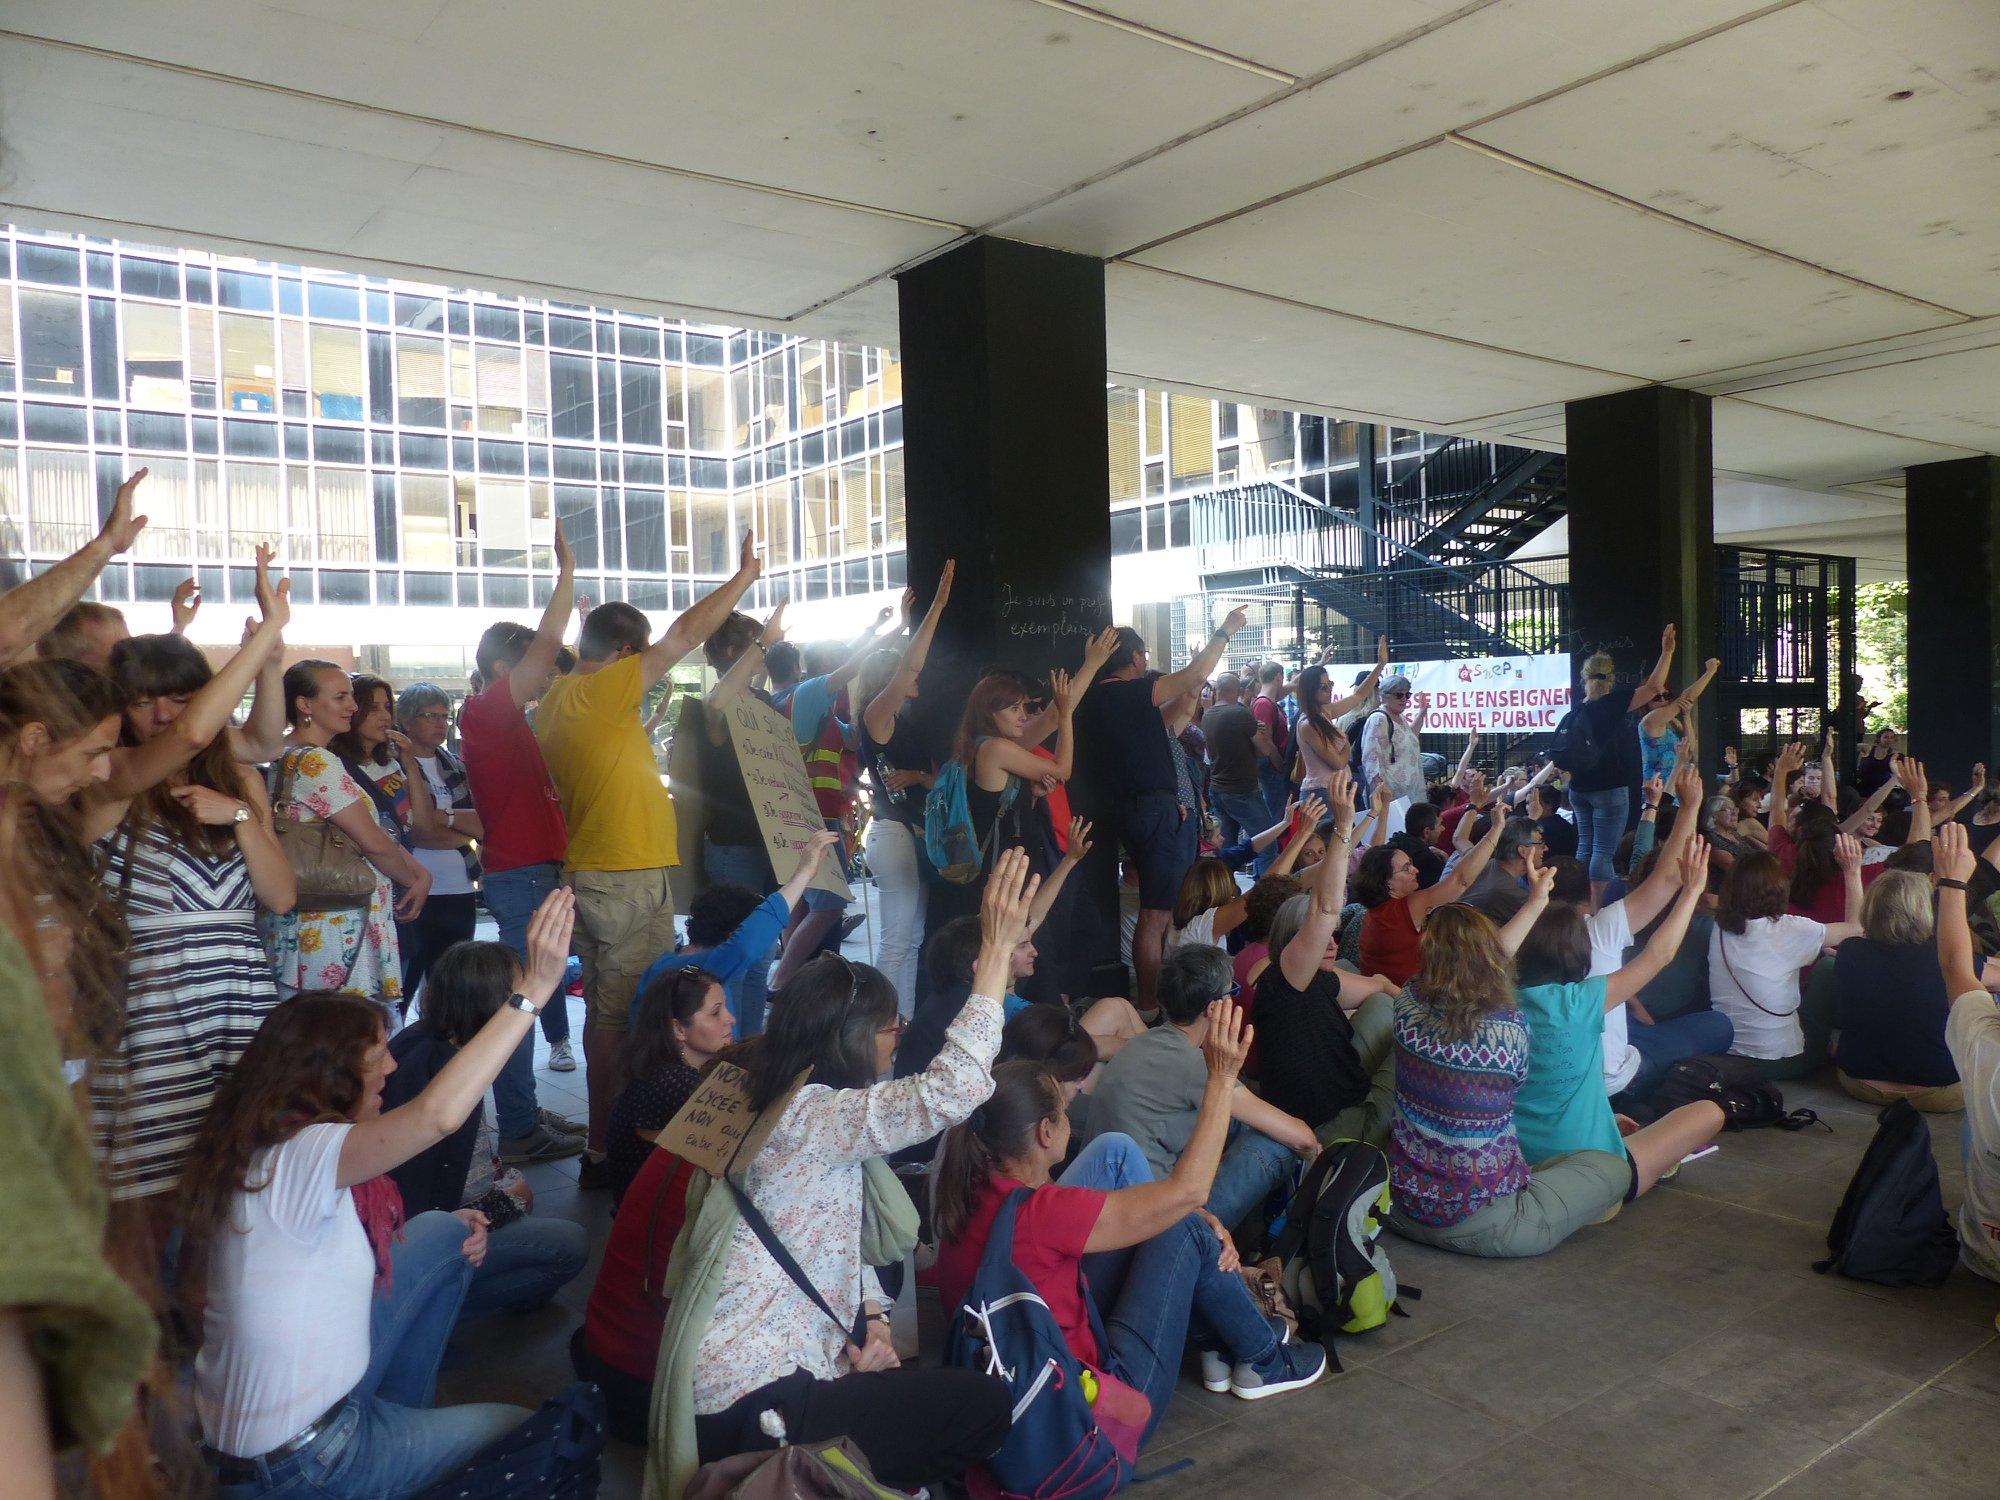 Grève de l'Éducation nationale du 17 juin : large succès en Isère et grève reconduite par l'assemblée générale des grévistes !